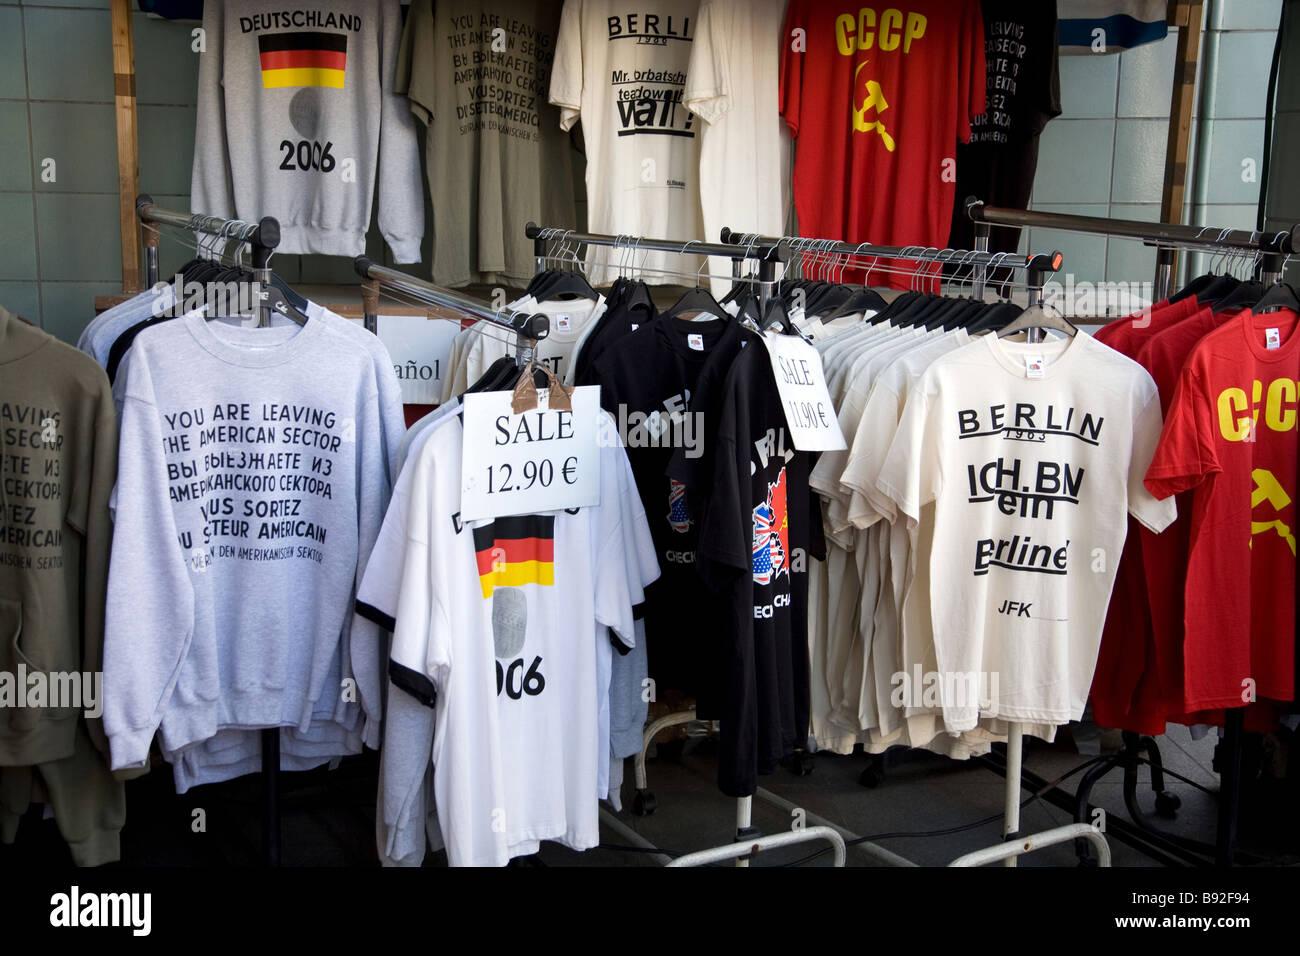 Guerra Fría y diversos artículos para turistas en venta cerca de Checkpoint Charlie, en Berlín, Alemania Imagen De Stock